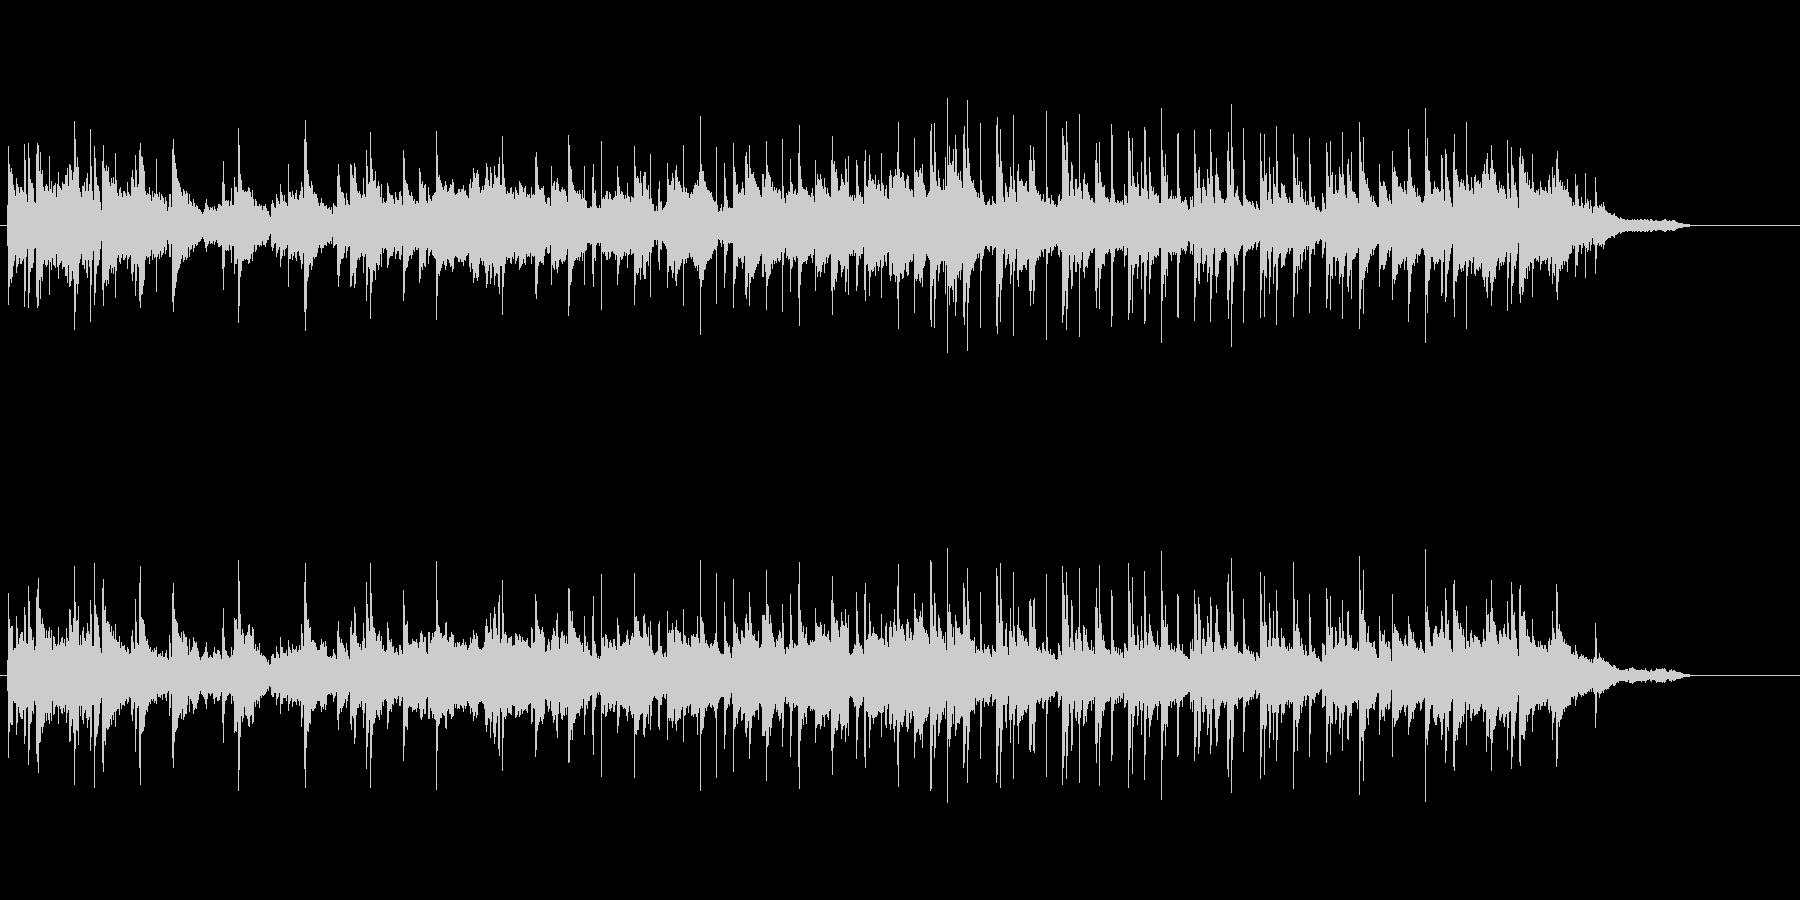 スタイリッシュなミディアム・バラードの未再生の波形